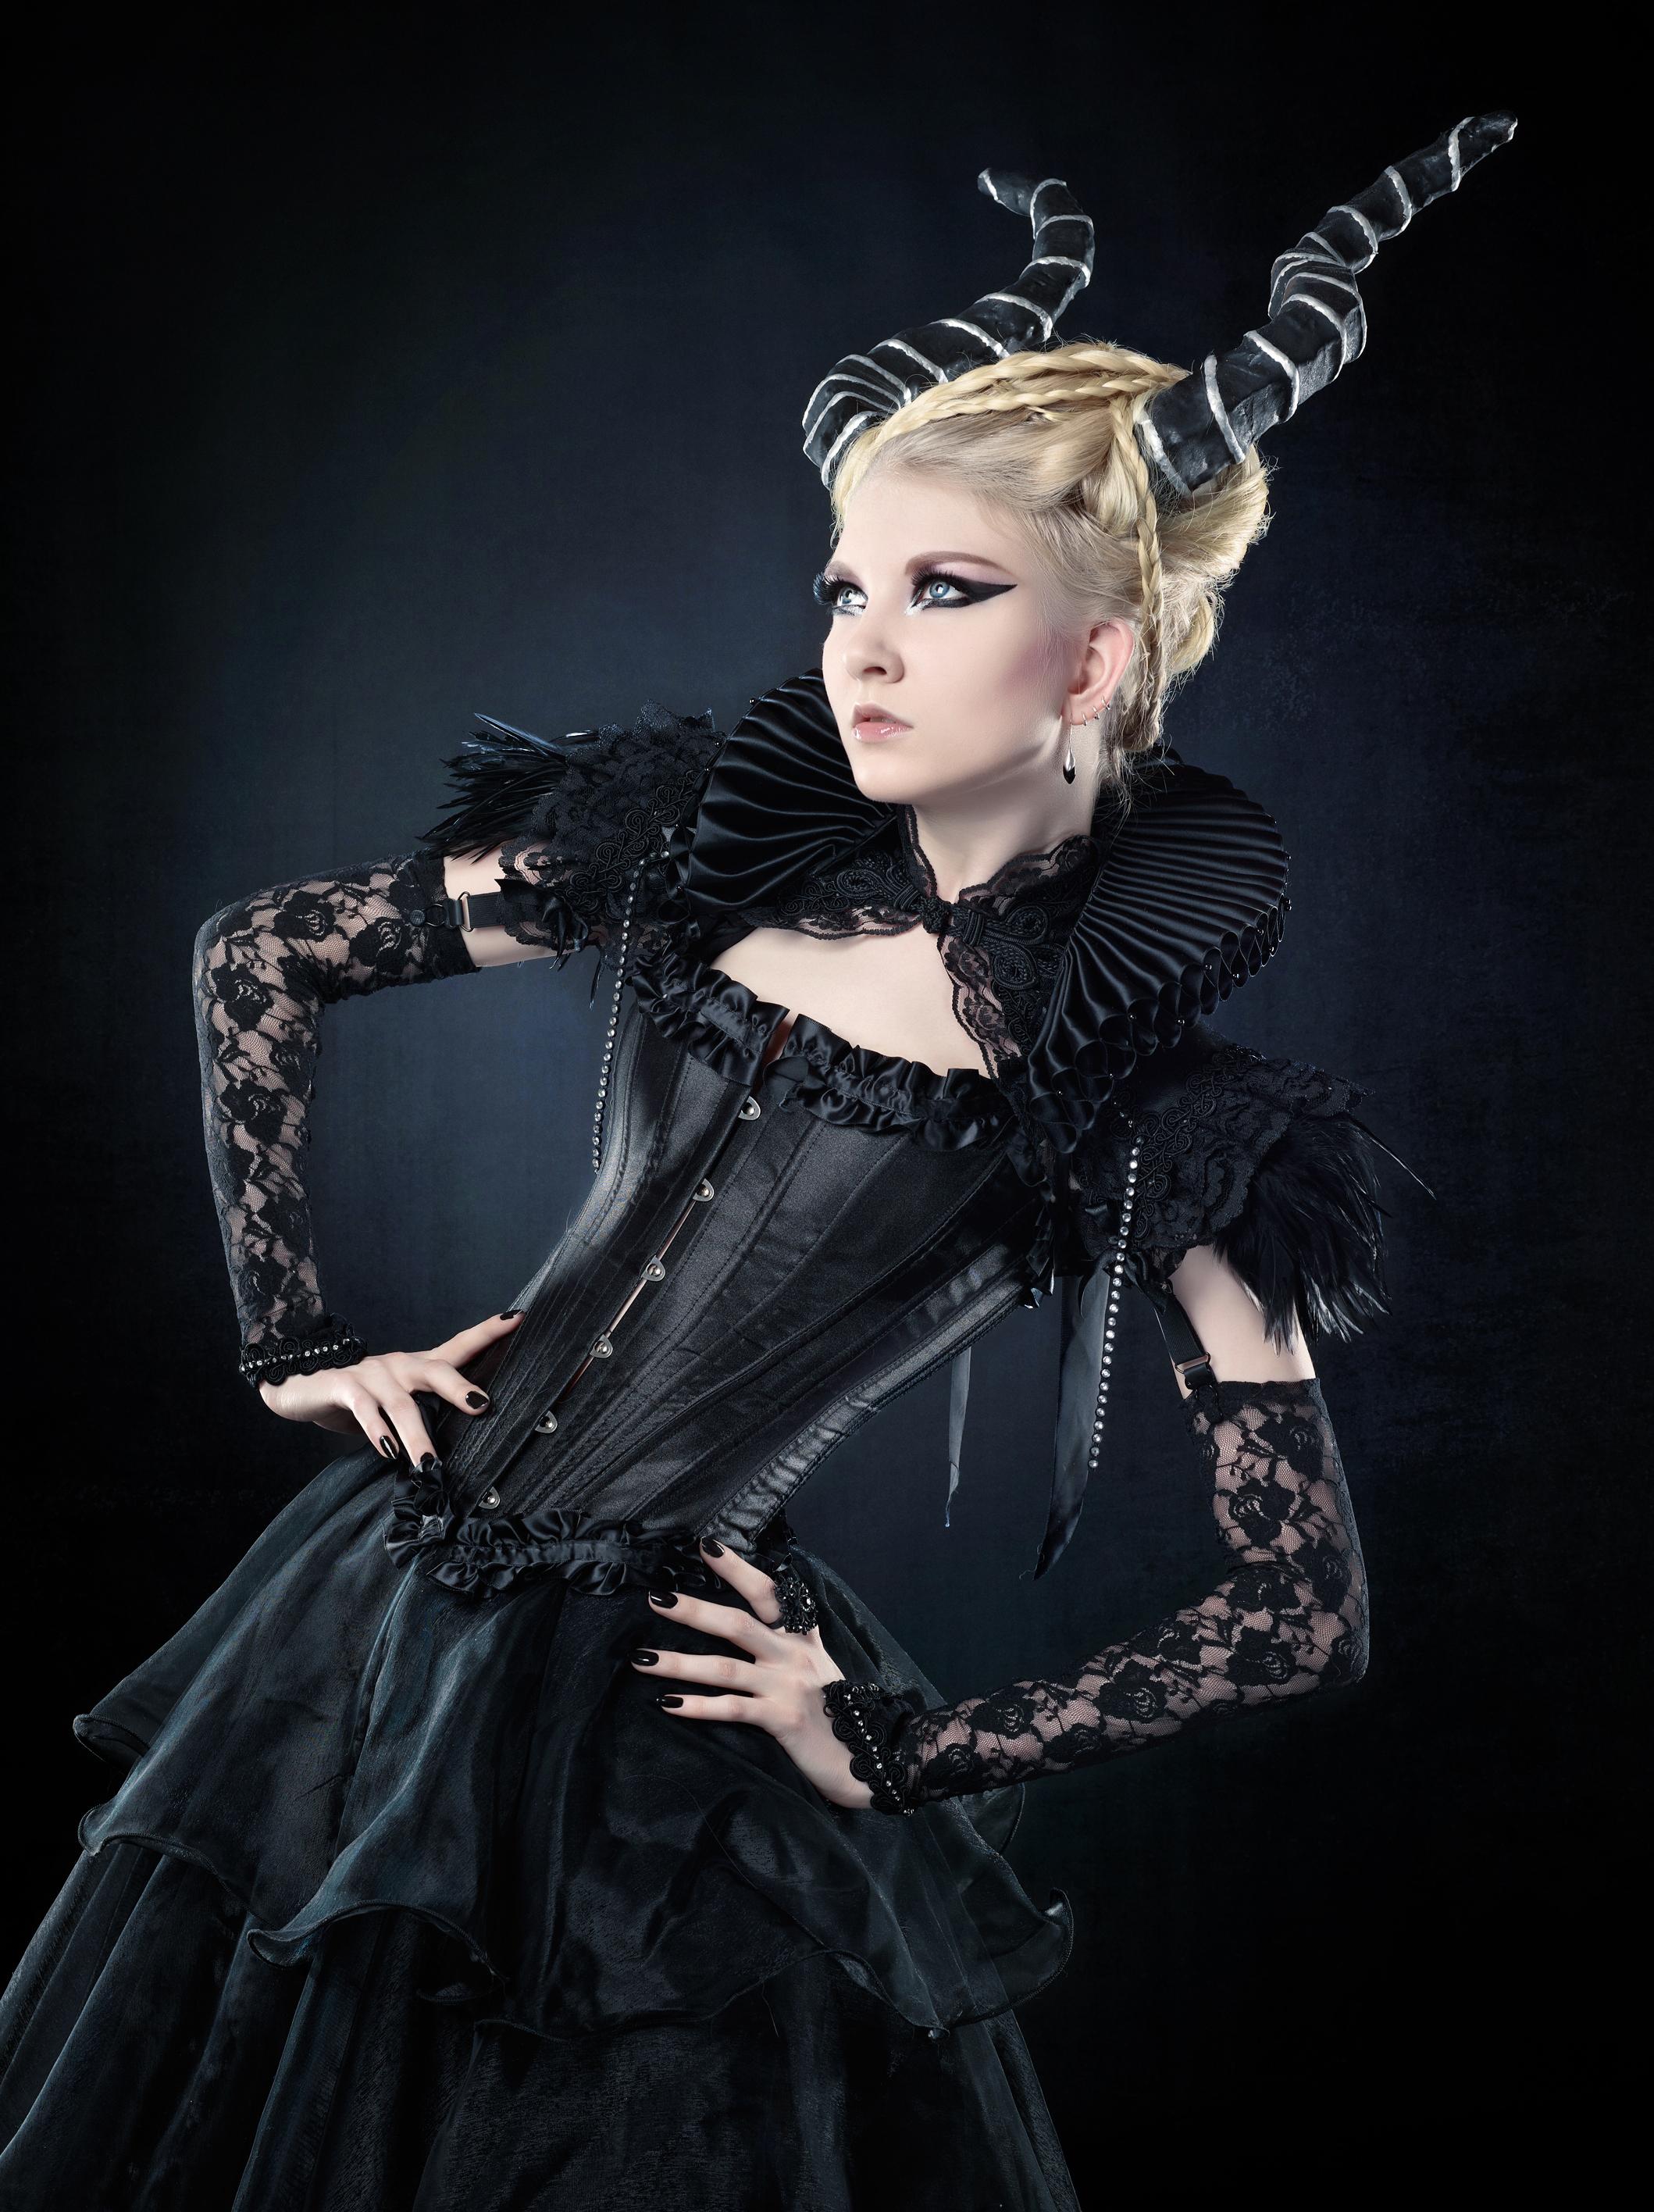 Demon Queen Stock - Prewiev by MariaAmanda